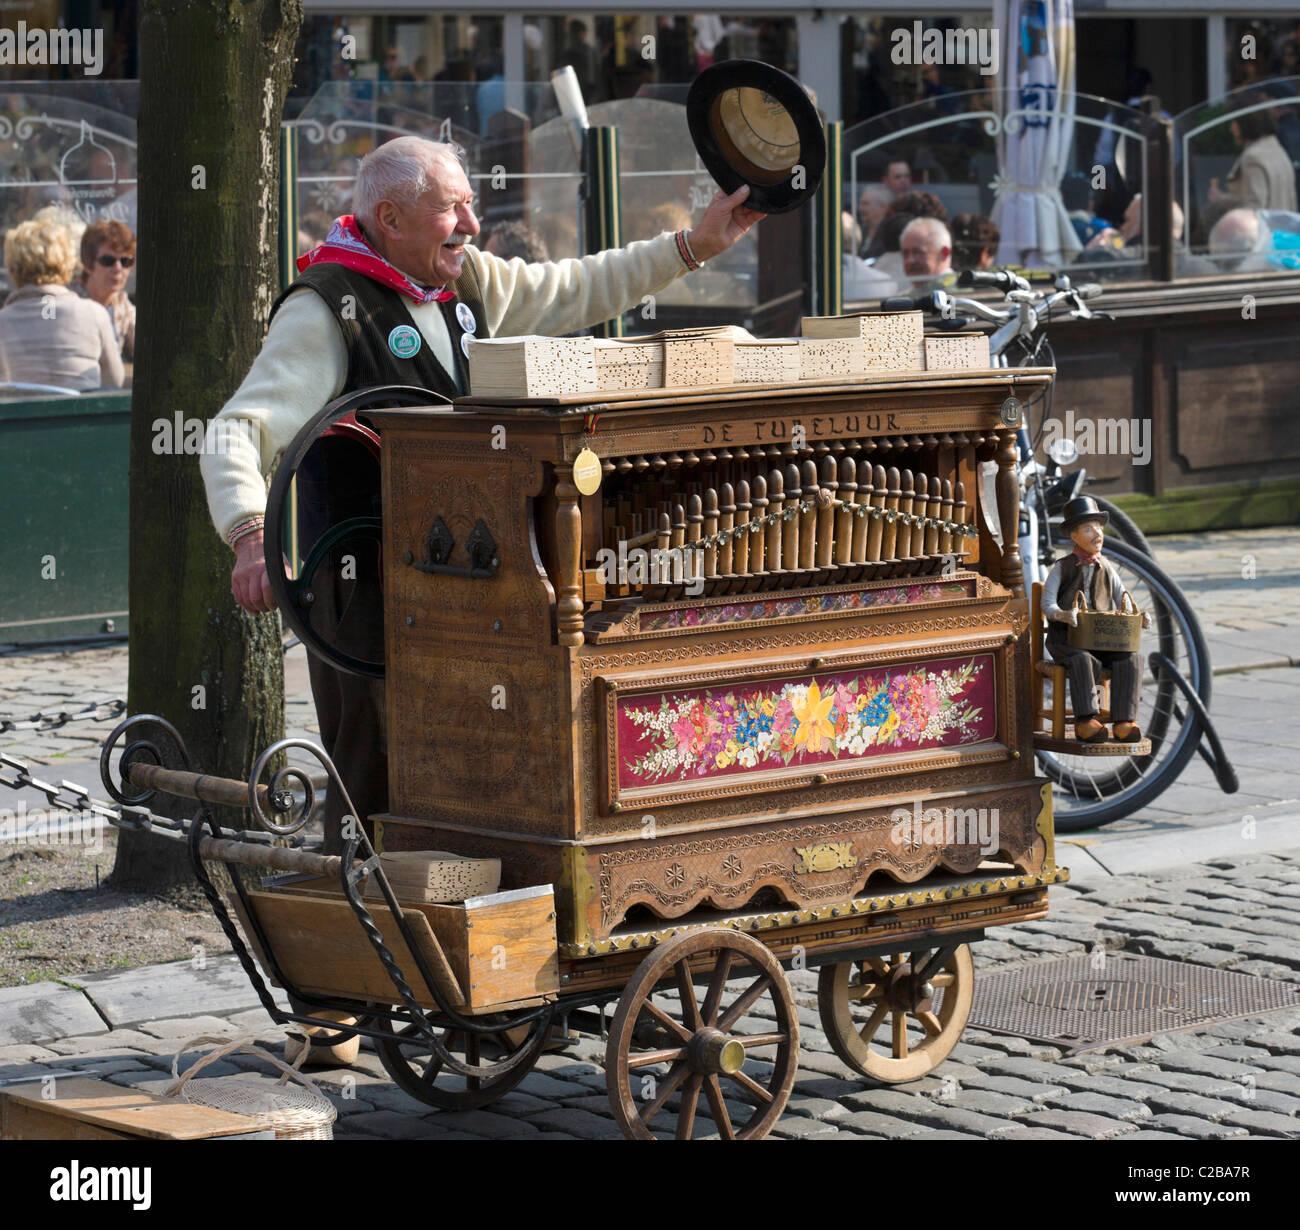 Ancien joueur d'orgue de la Grote Markt (Grand Place), Anvers, Belgique Photo Stock